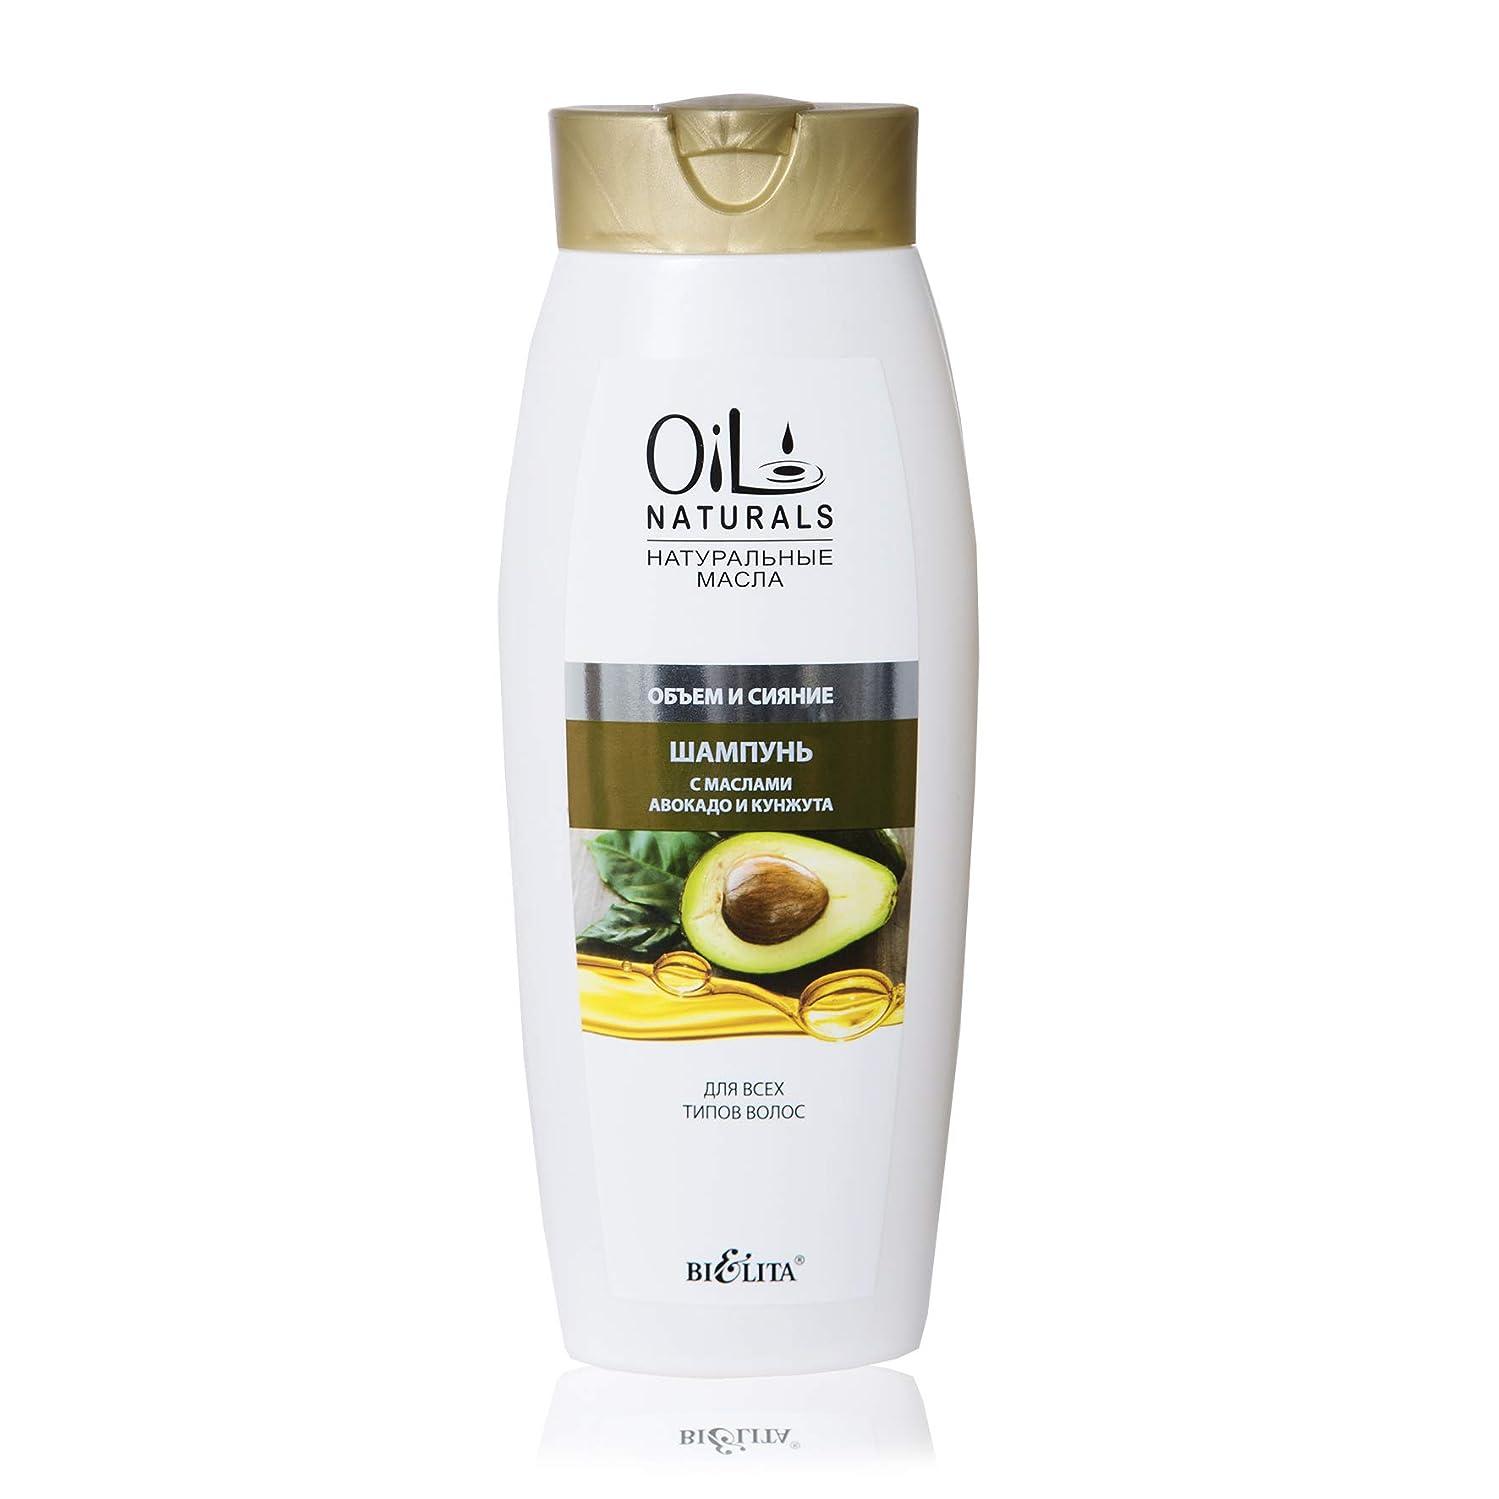 安らぎヨーロッパ磁器Bielita & Vitex Oil Naturals Line | Volume & Shine Oils Shampoo for All Hair Types, 430 ml | Avocado Oil, Silk Proteins, Sesame Oil, Vitamins